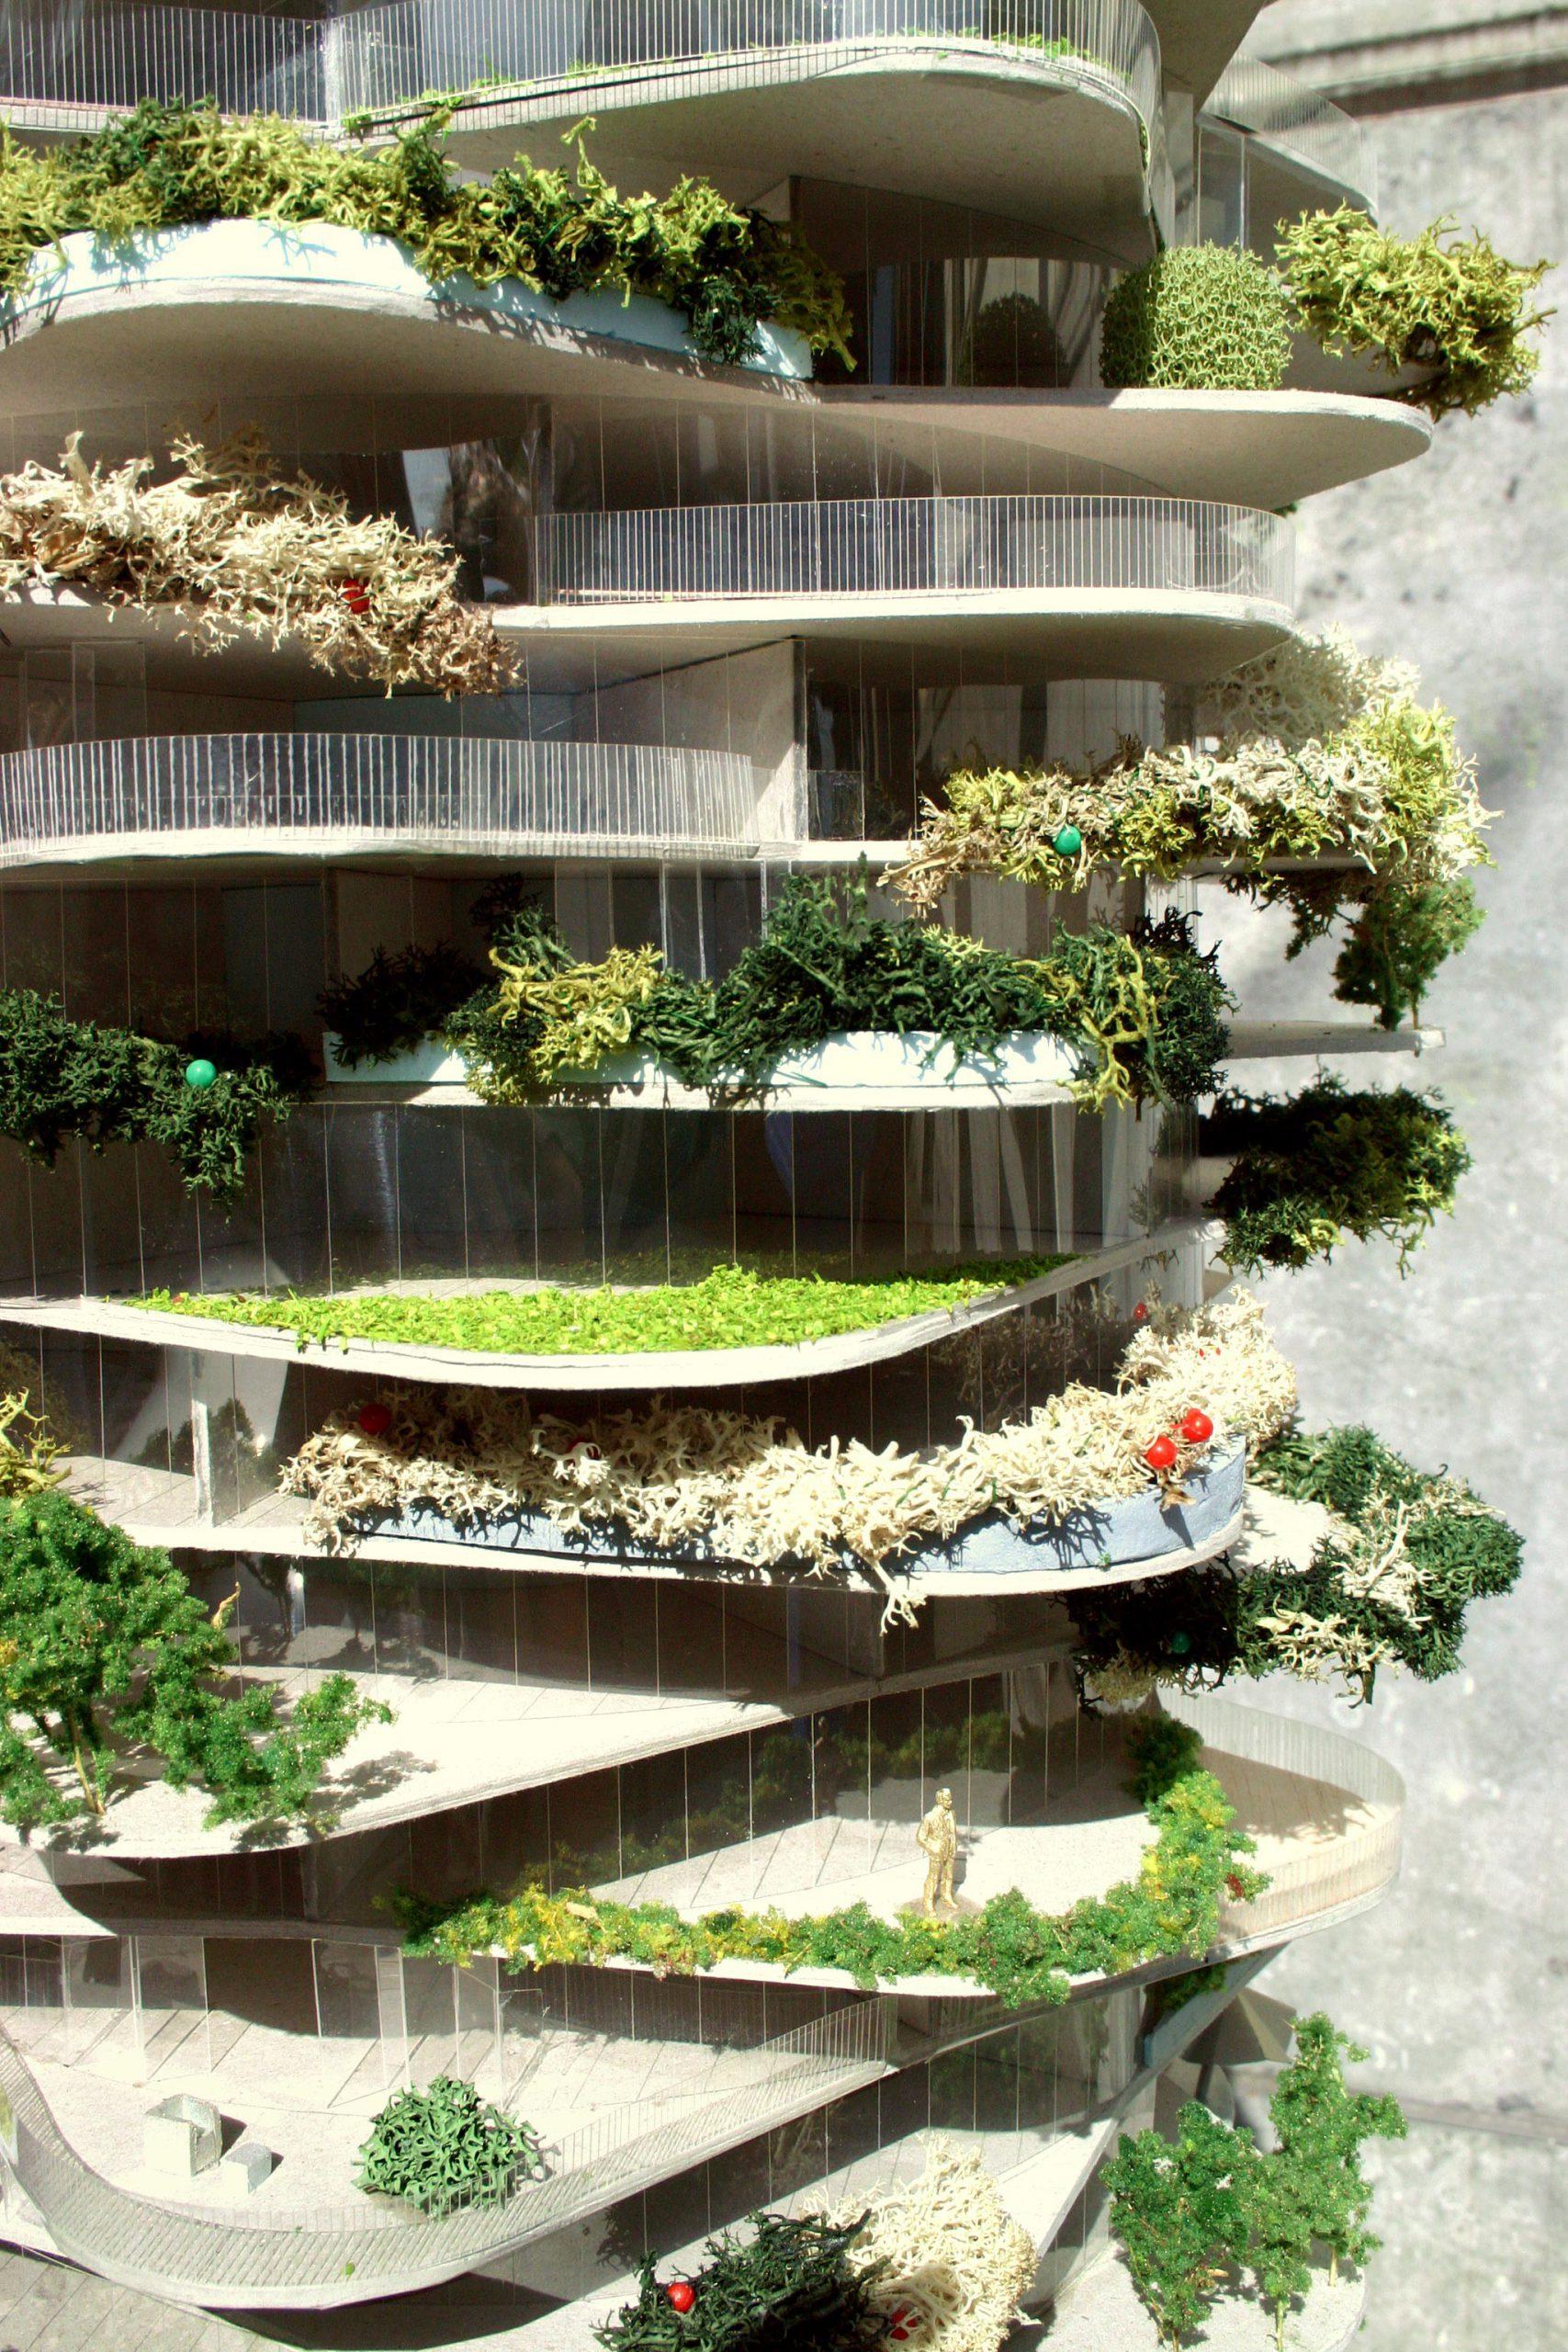 Công Trình Xanh Ở Hà Lan - Urban Cactus